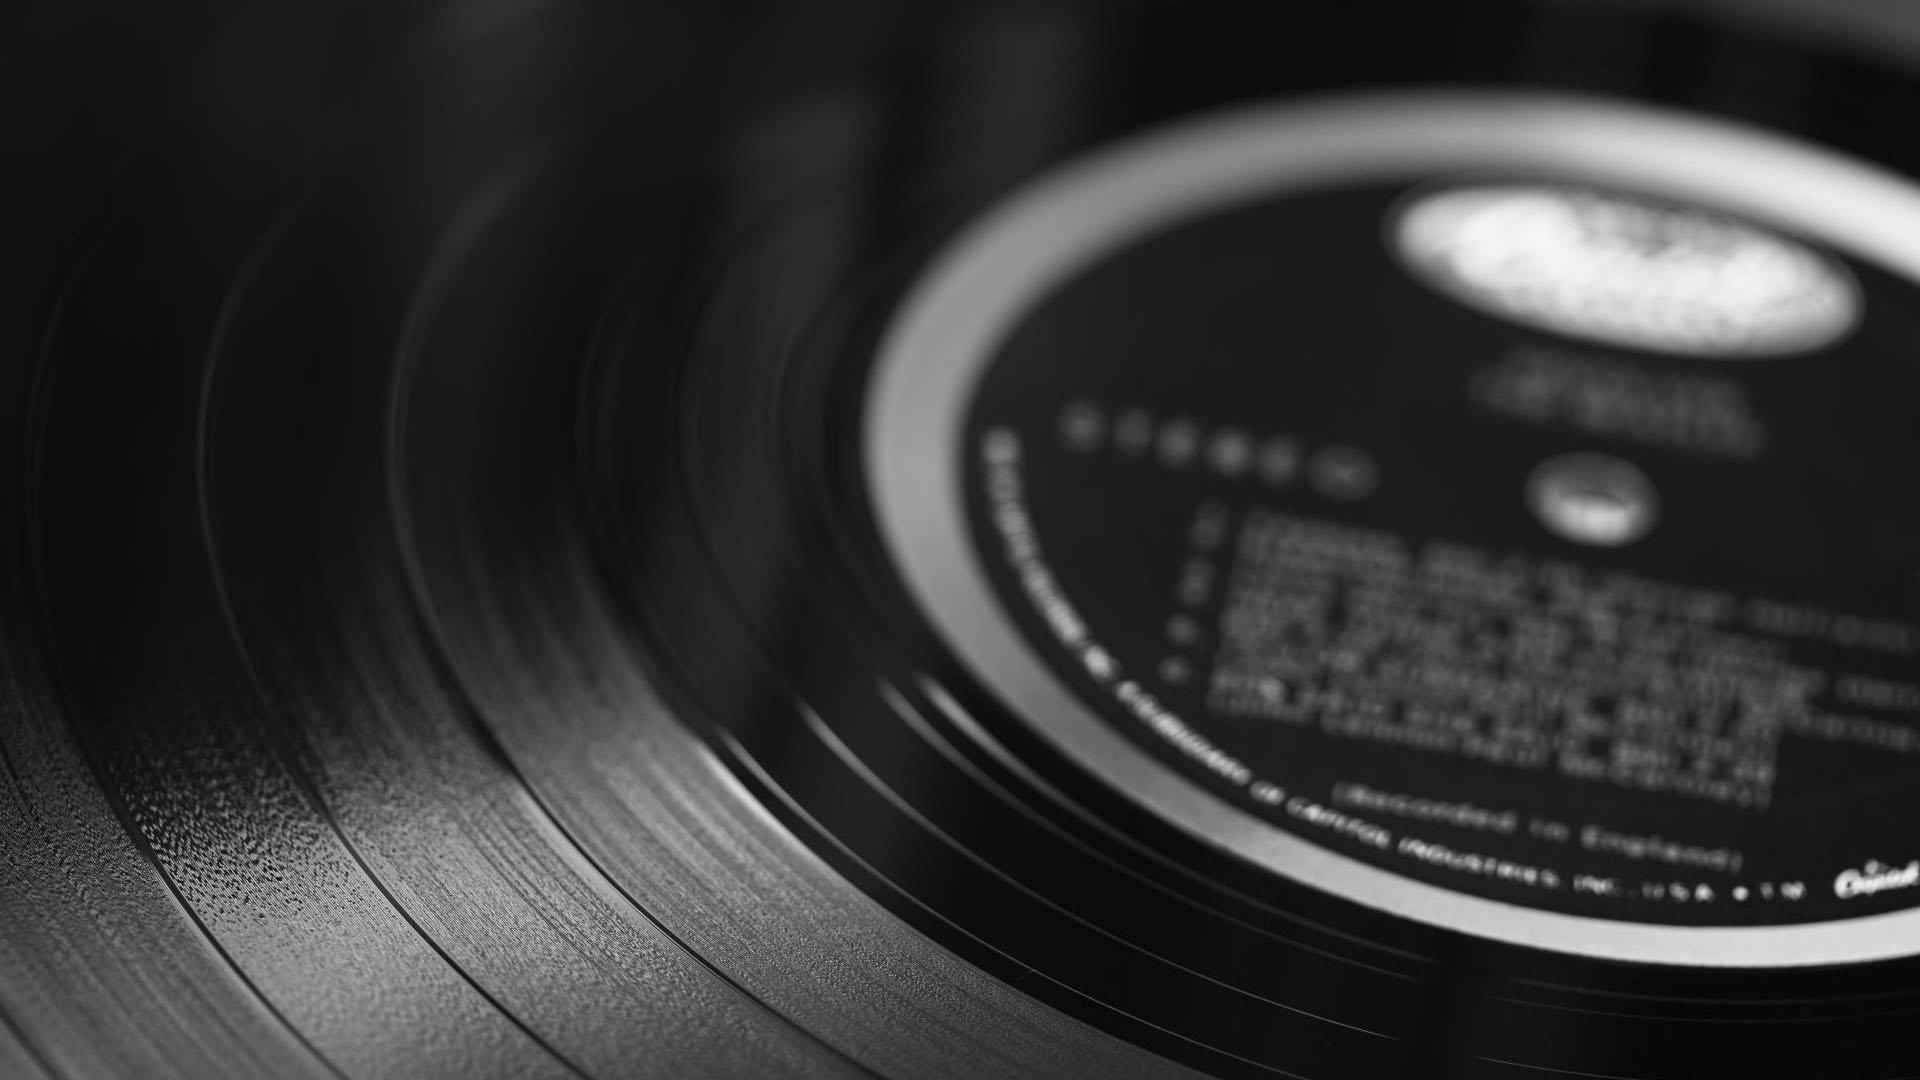 Casi tres décadas después de abandonar la producción, se comenzará a grabar en este formato debido a la creciente demanda